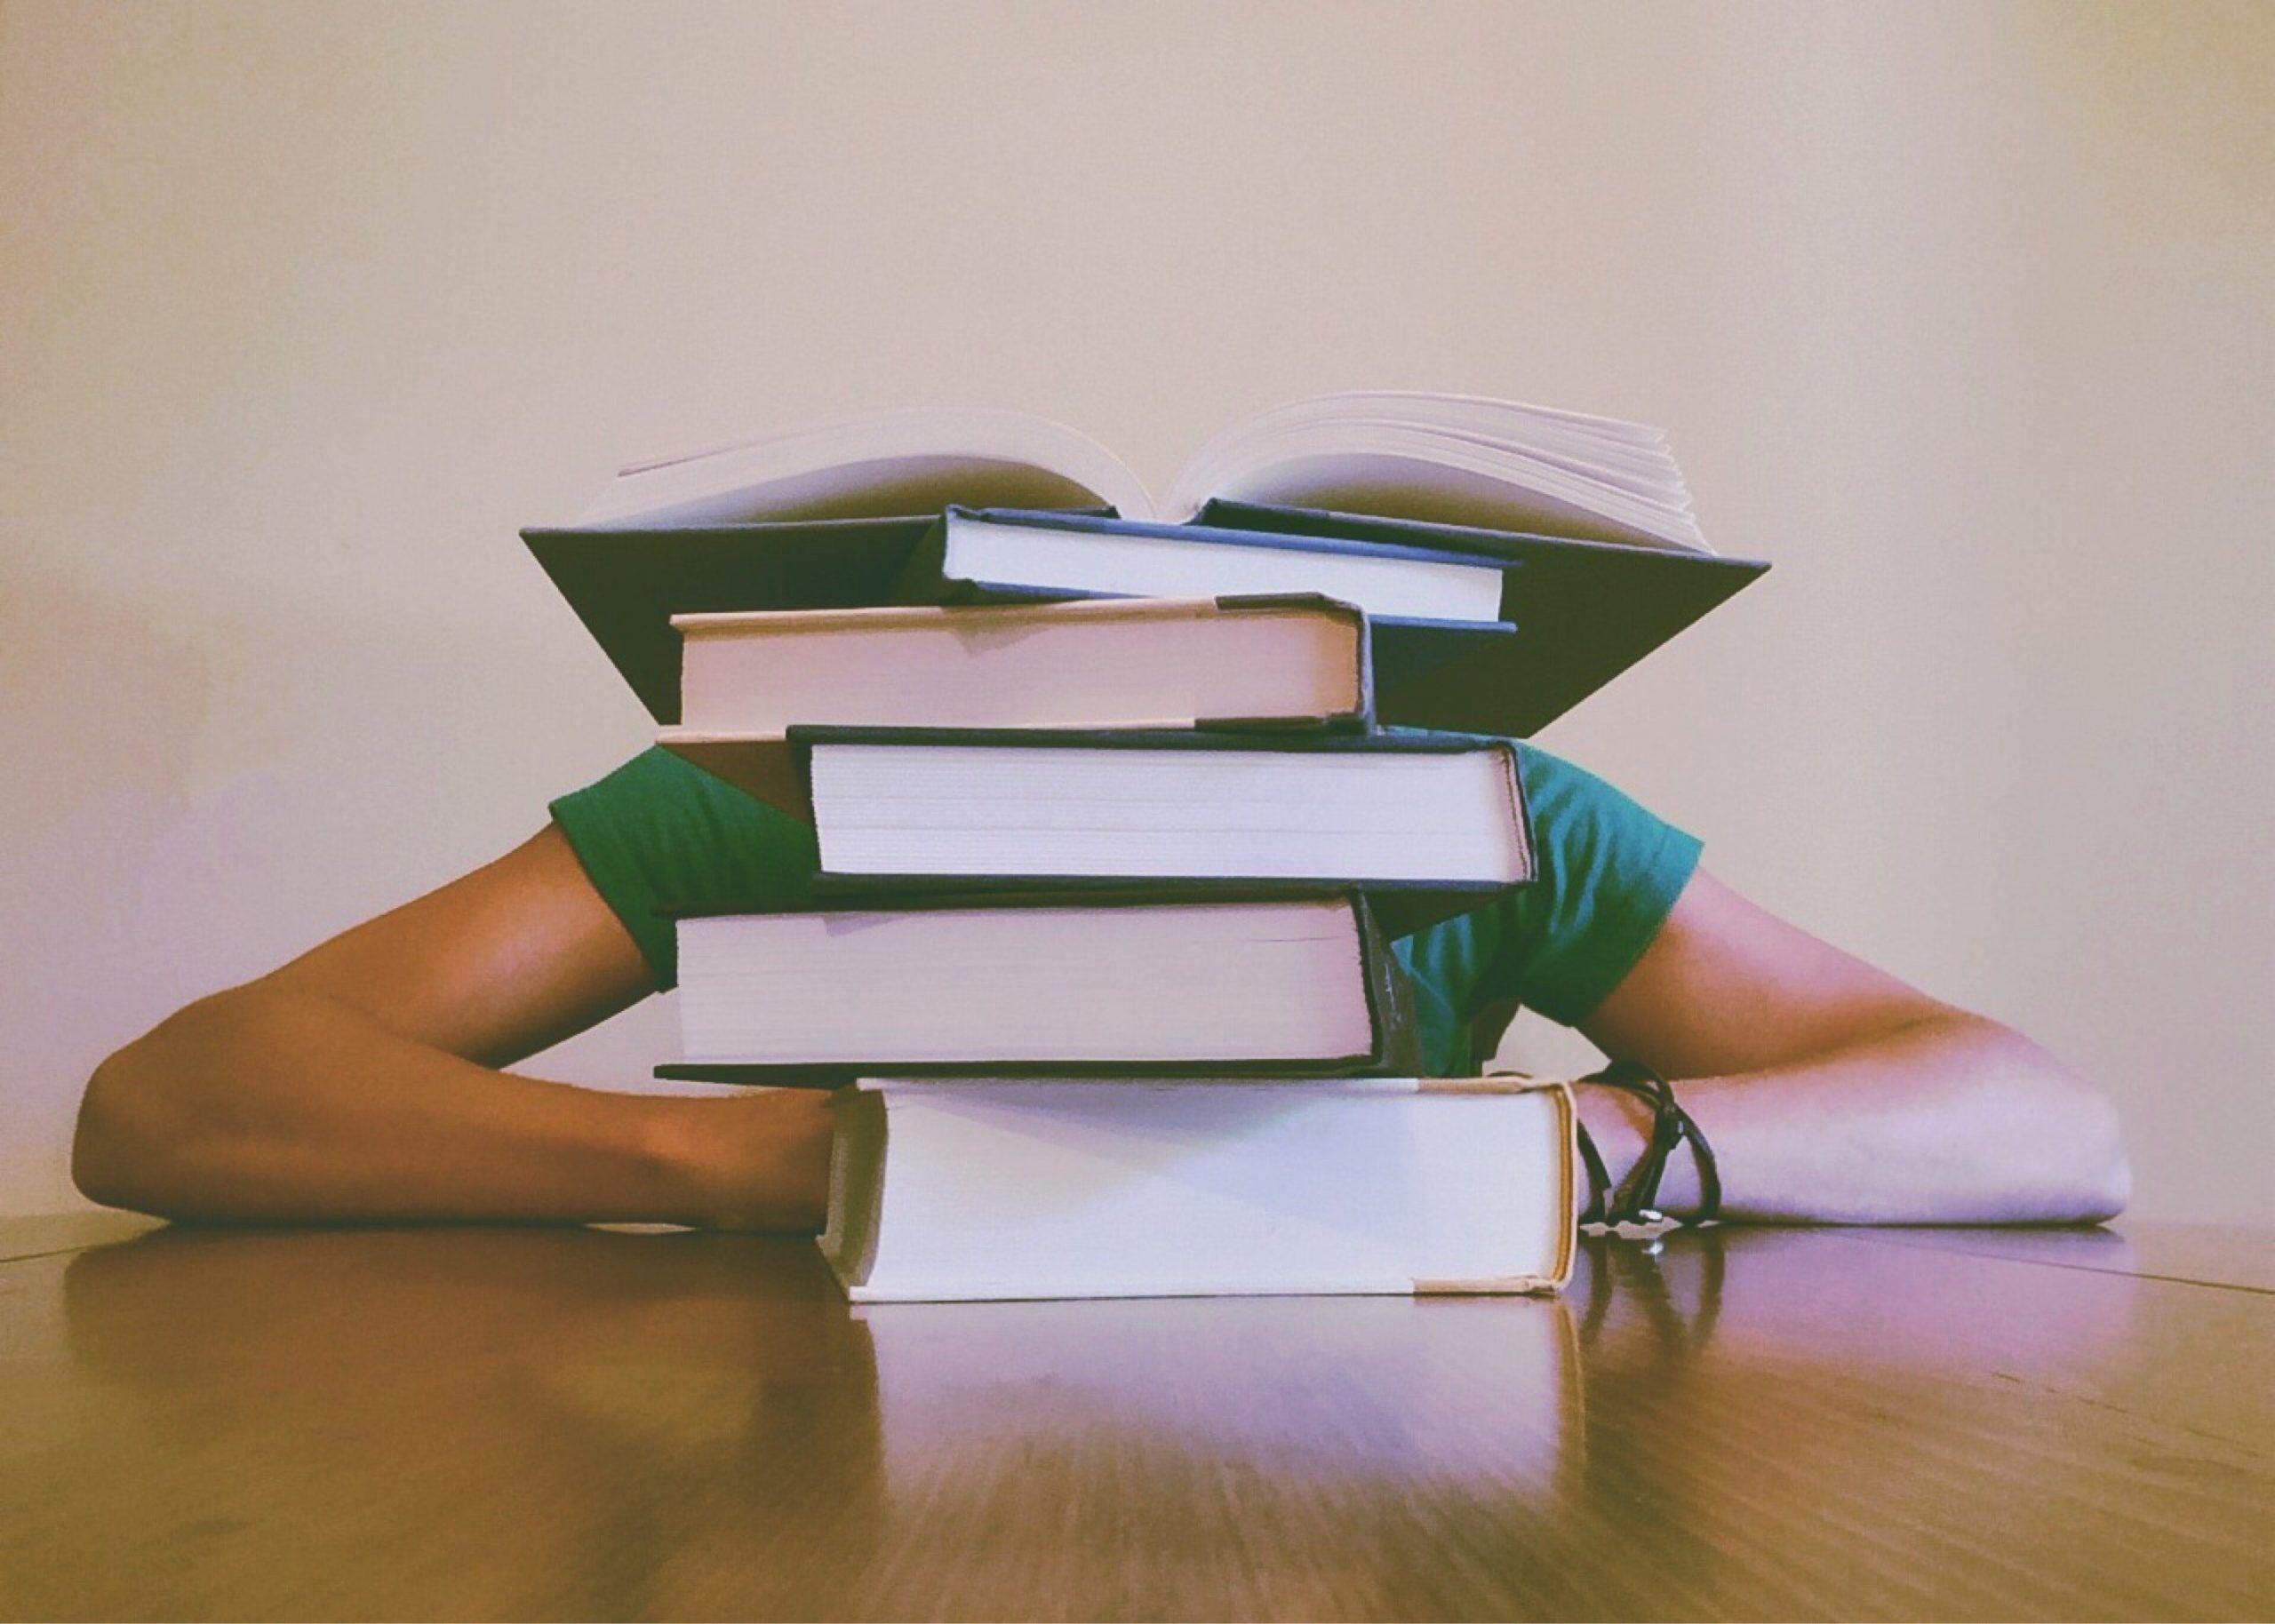 Kuinka tärkeää nukkuminen on oppimisessa? (+6 vinkkiä unen laadun parantamiseen)